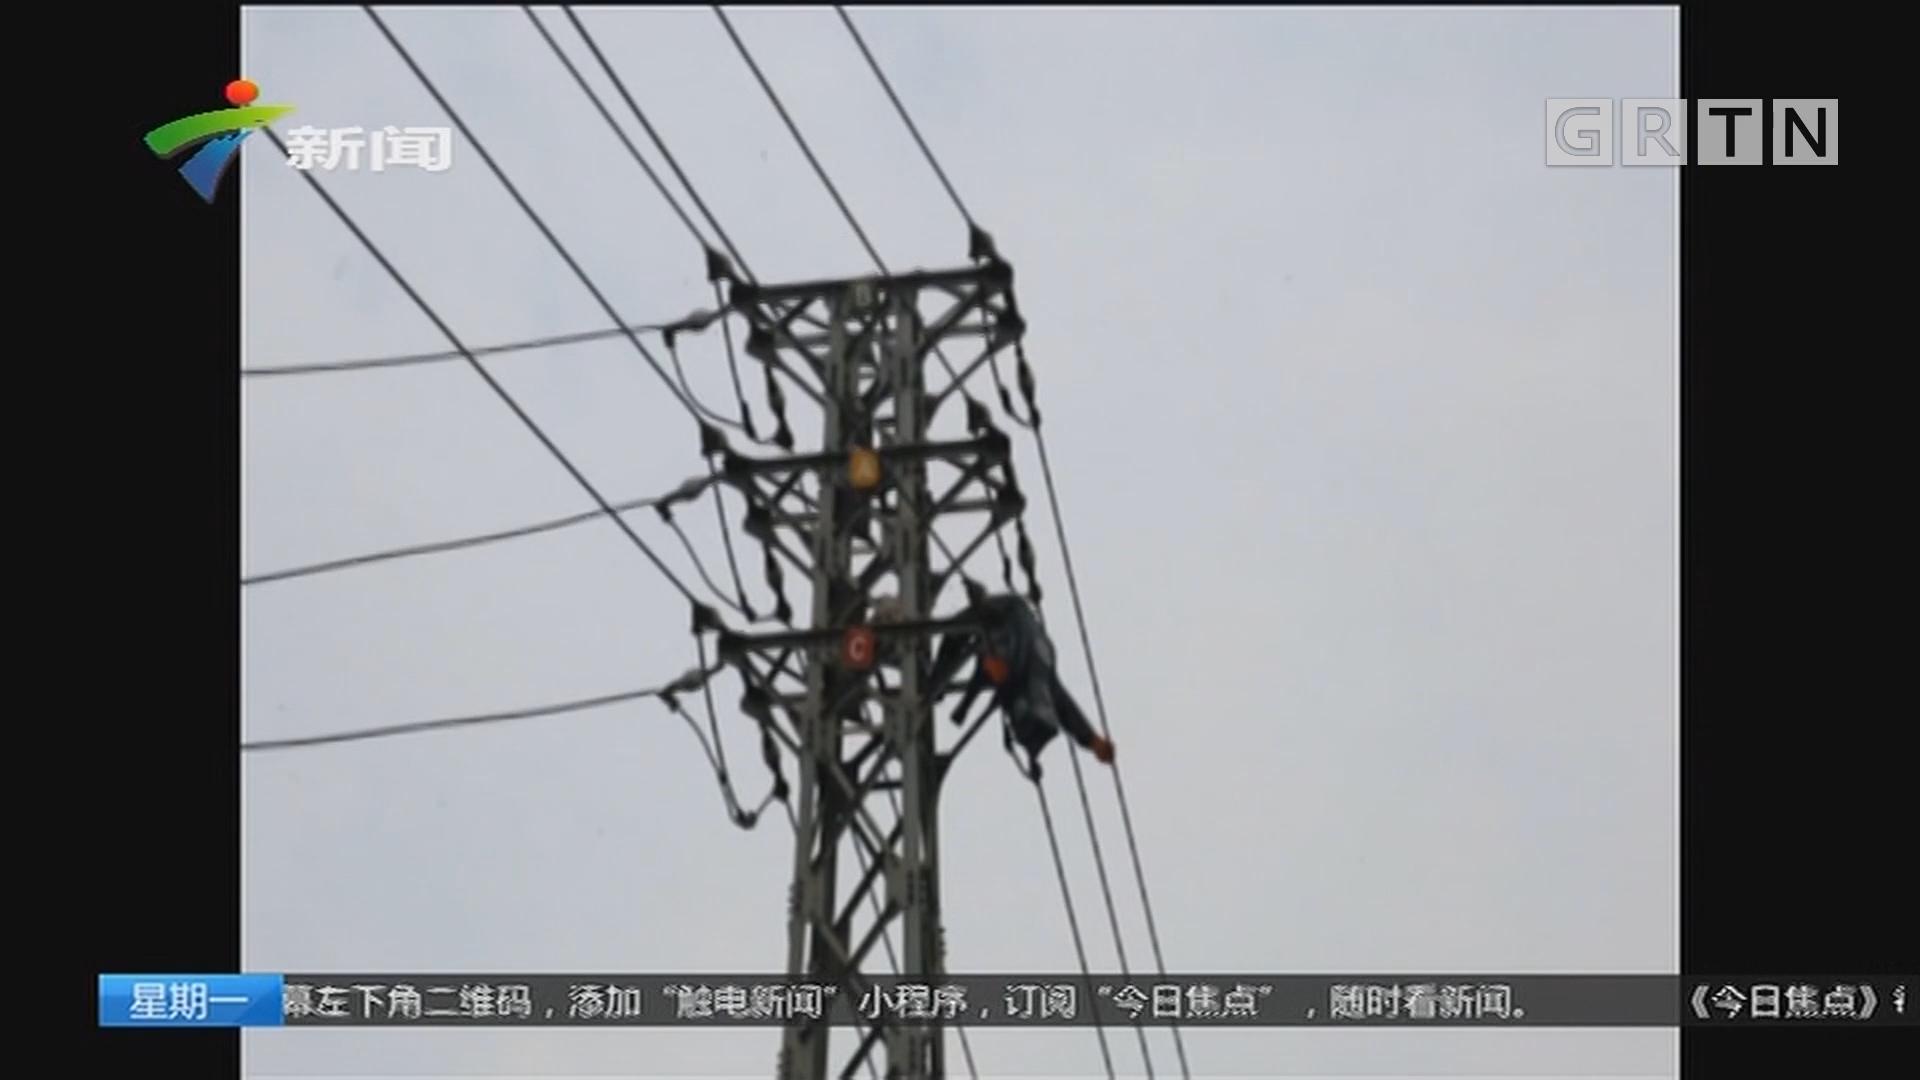 广西南宁:男子上高压电塔摘蜂窝被电流击穿